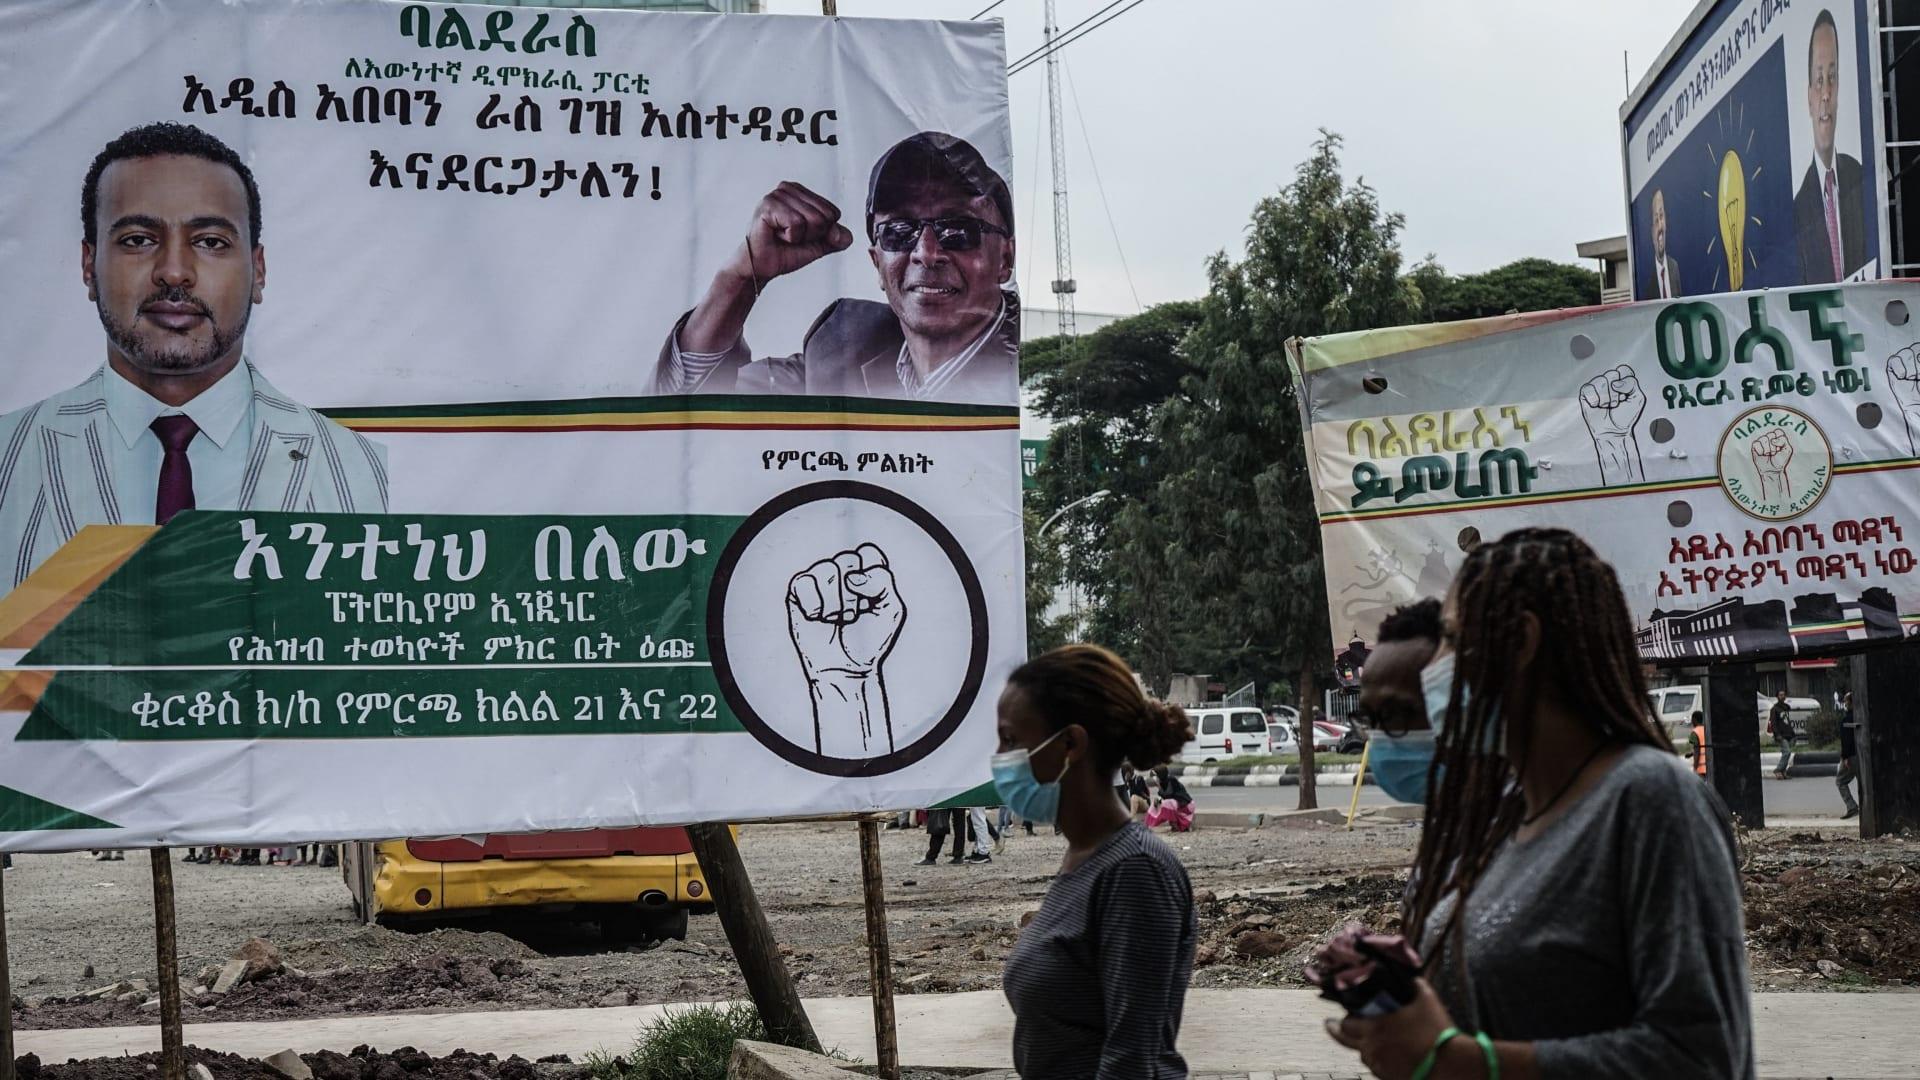 لوحات دعائية في شوارع إثيوبيا